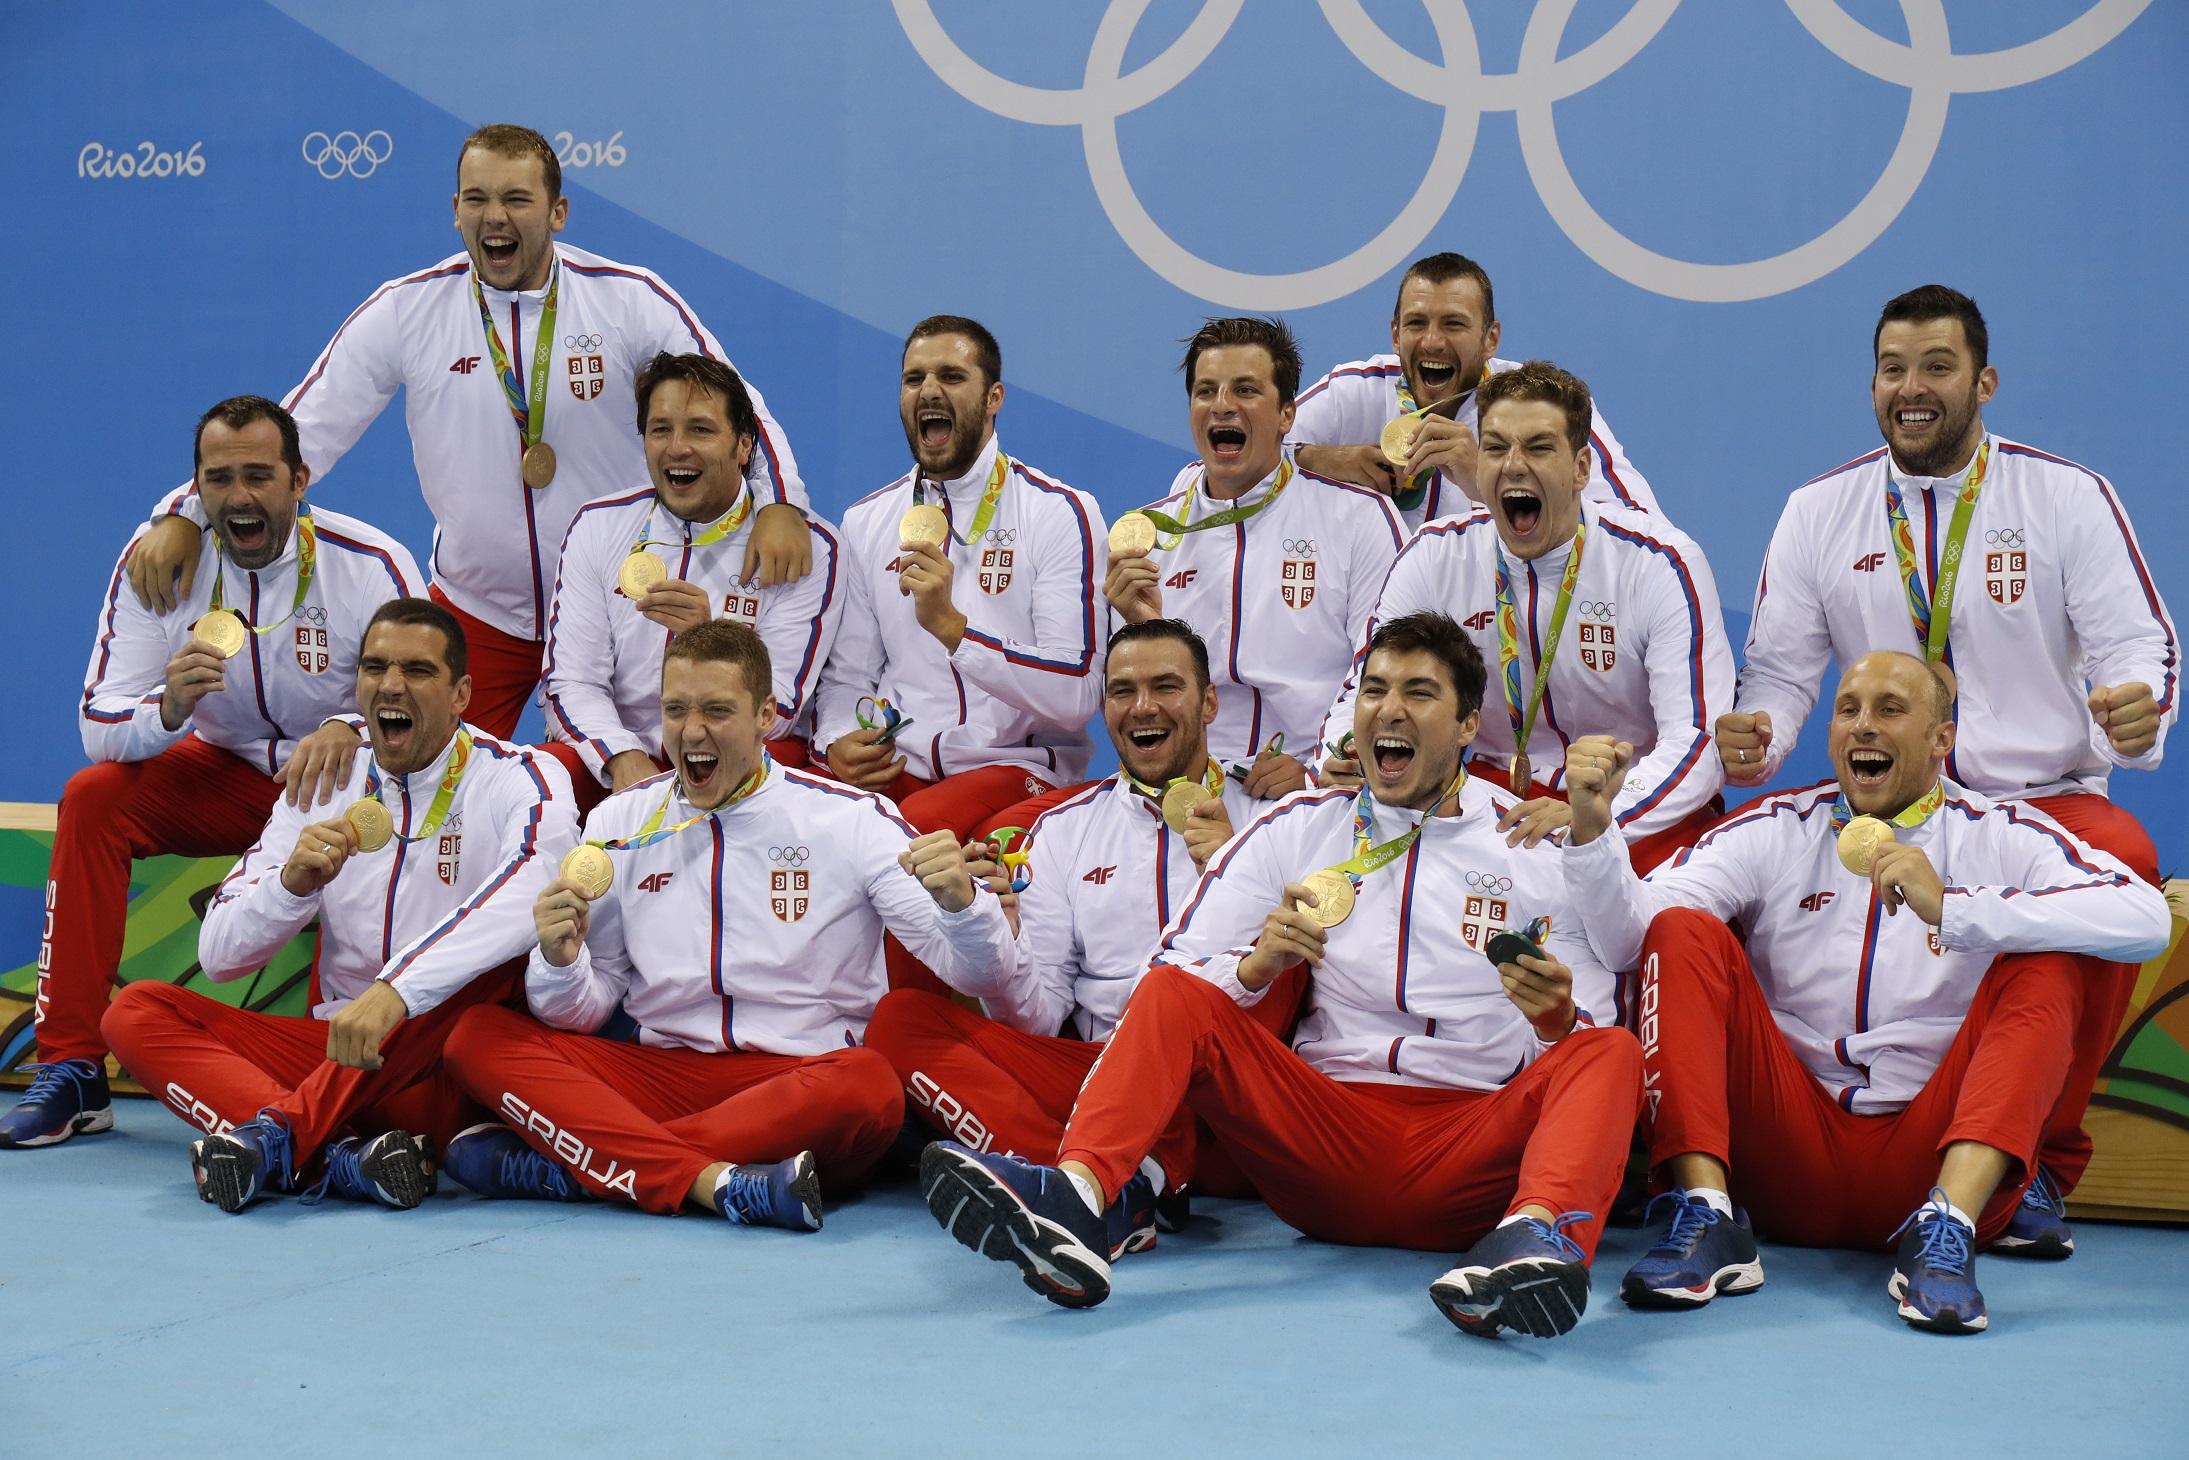 szerbiaolimpiai bajnok